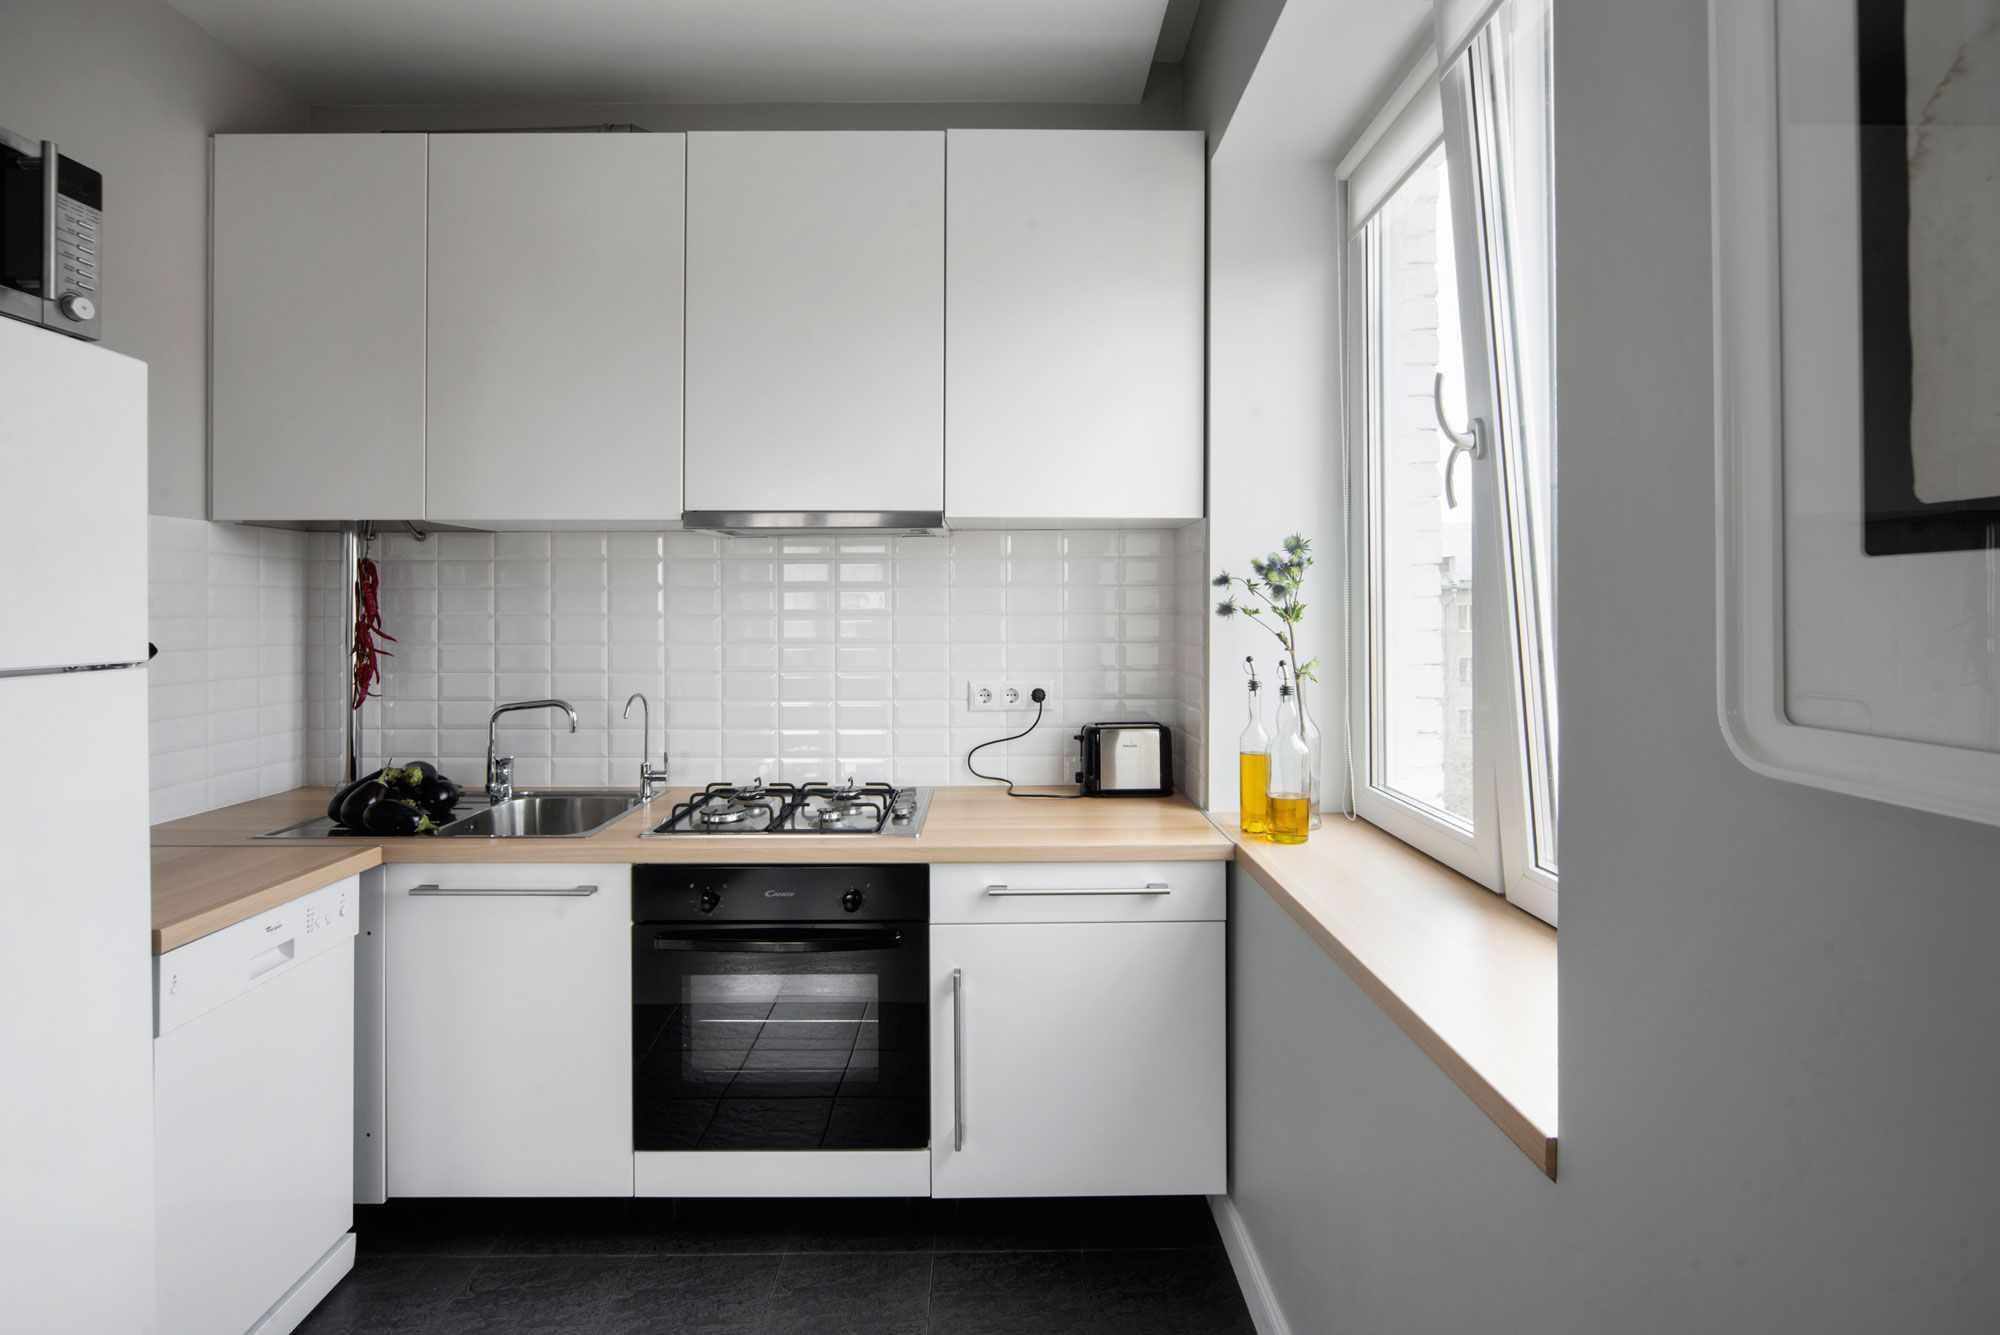 Кухня в хрущевке: дизайн и интерьер